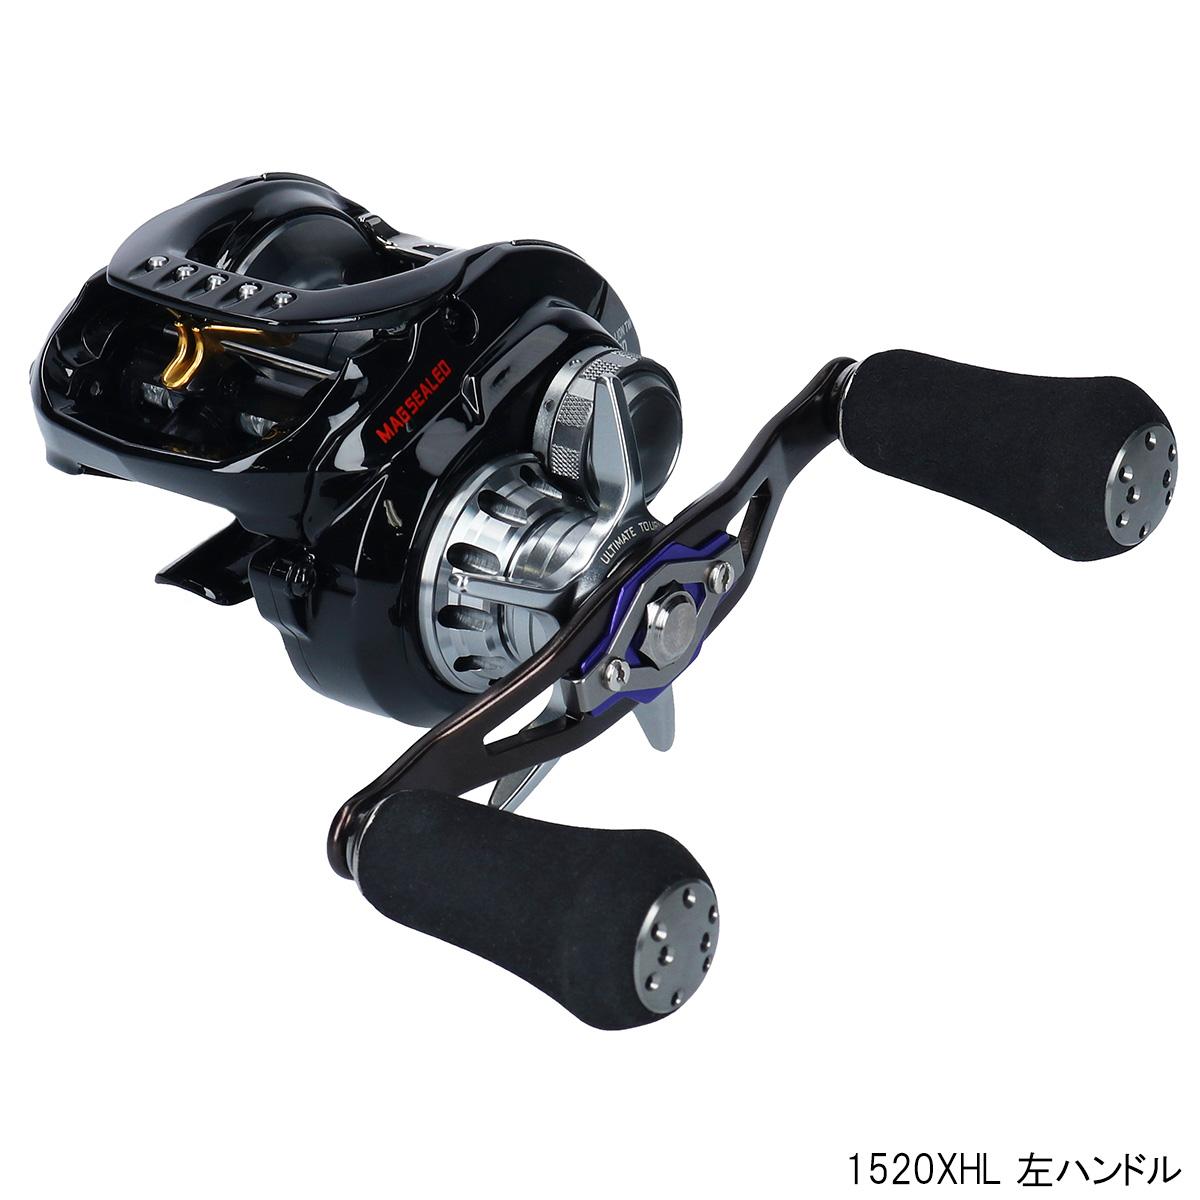 ダイワ ジリオン TW HD 1520XHL 左ハンドル(東日本店)